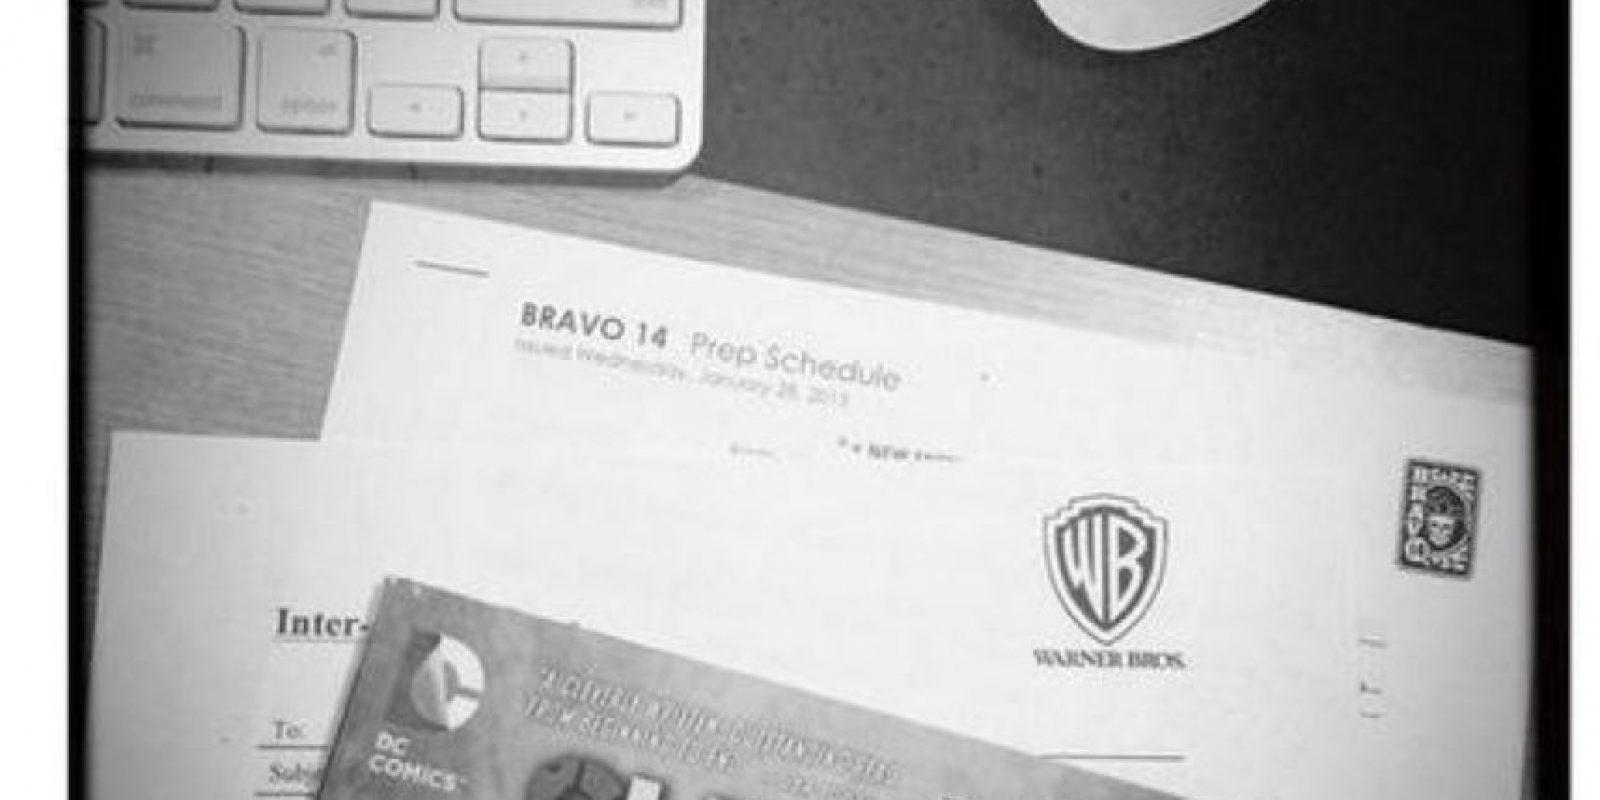 Su director reveló las partes del cómic que tomaría. Foto:Twitter